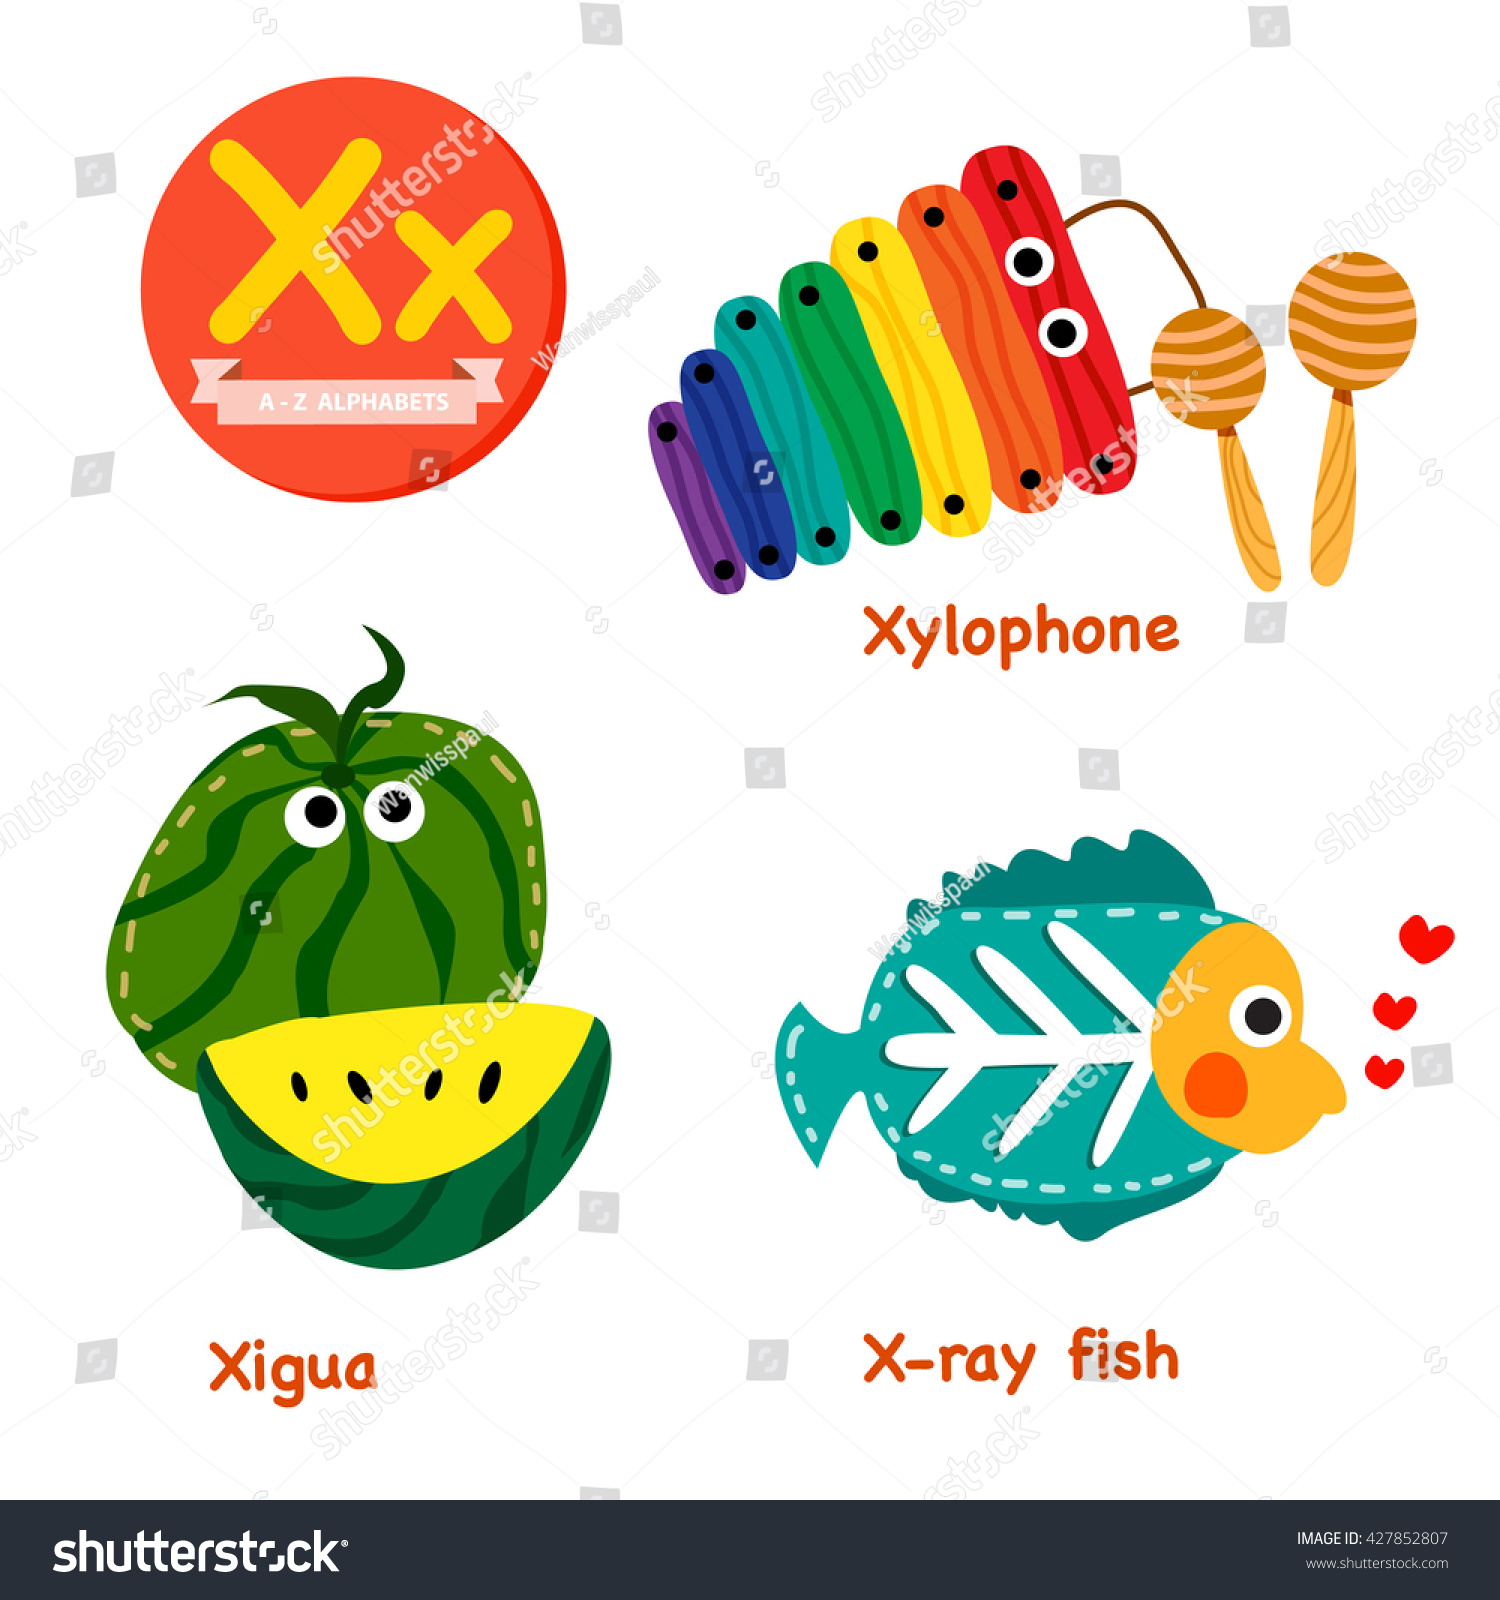 X Vocabulary Cartoon Set Xigua Xray